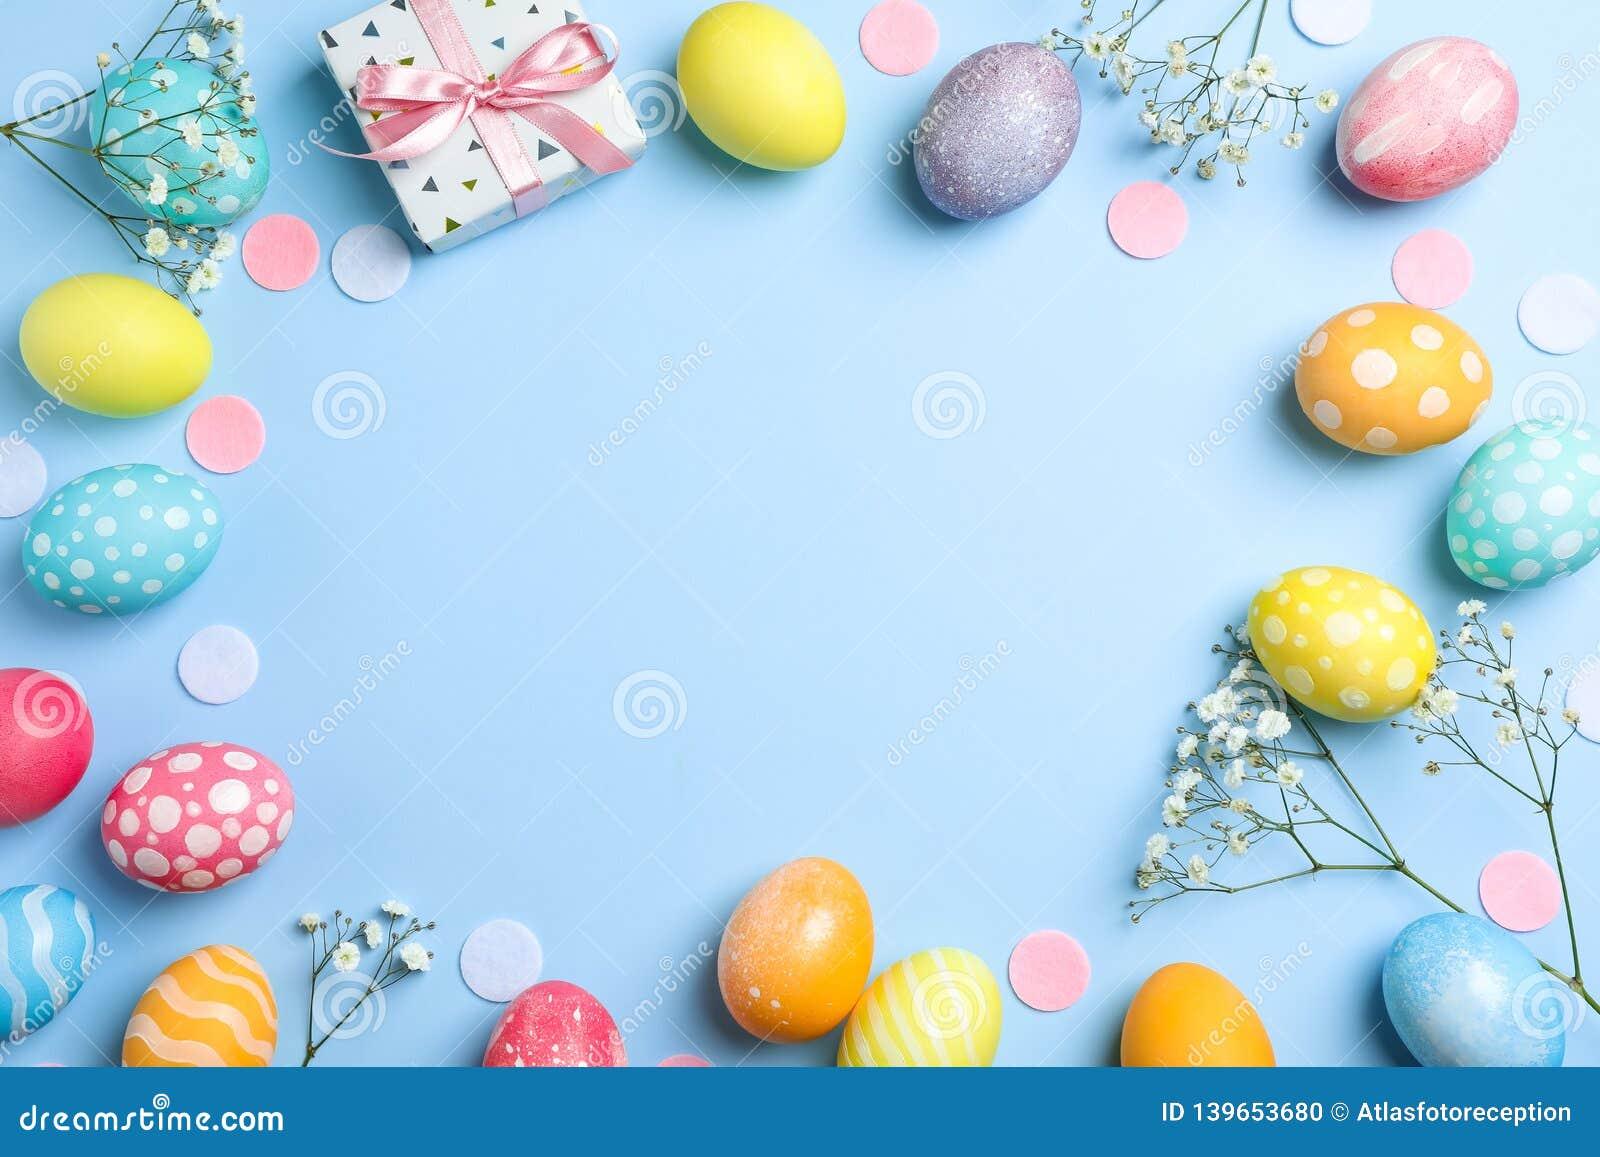 Επίπεδος βάλτε τη σύνθεση με τα αυγά Πάσχας, το παρόν και τα λουλούδια στο υπόβαθρο χρώματος, διάστημα για το κείμενο